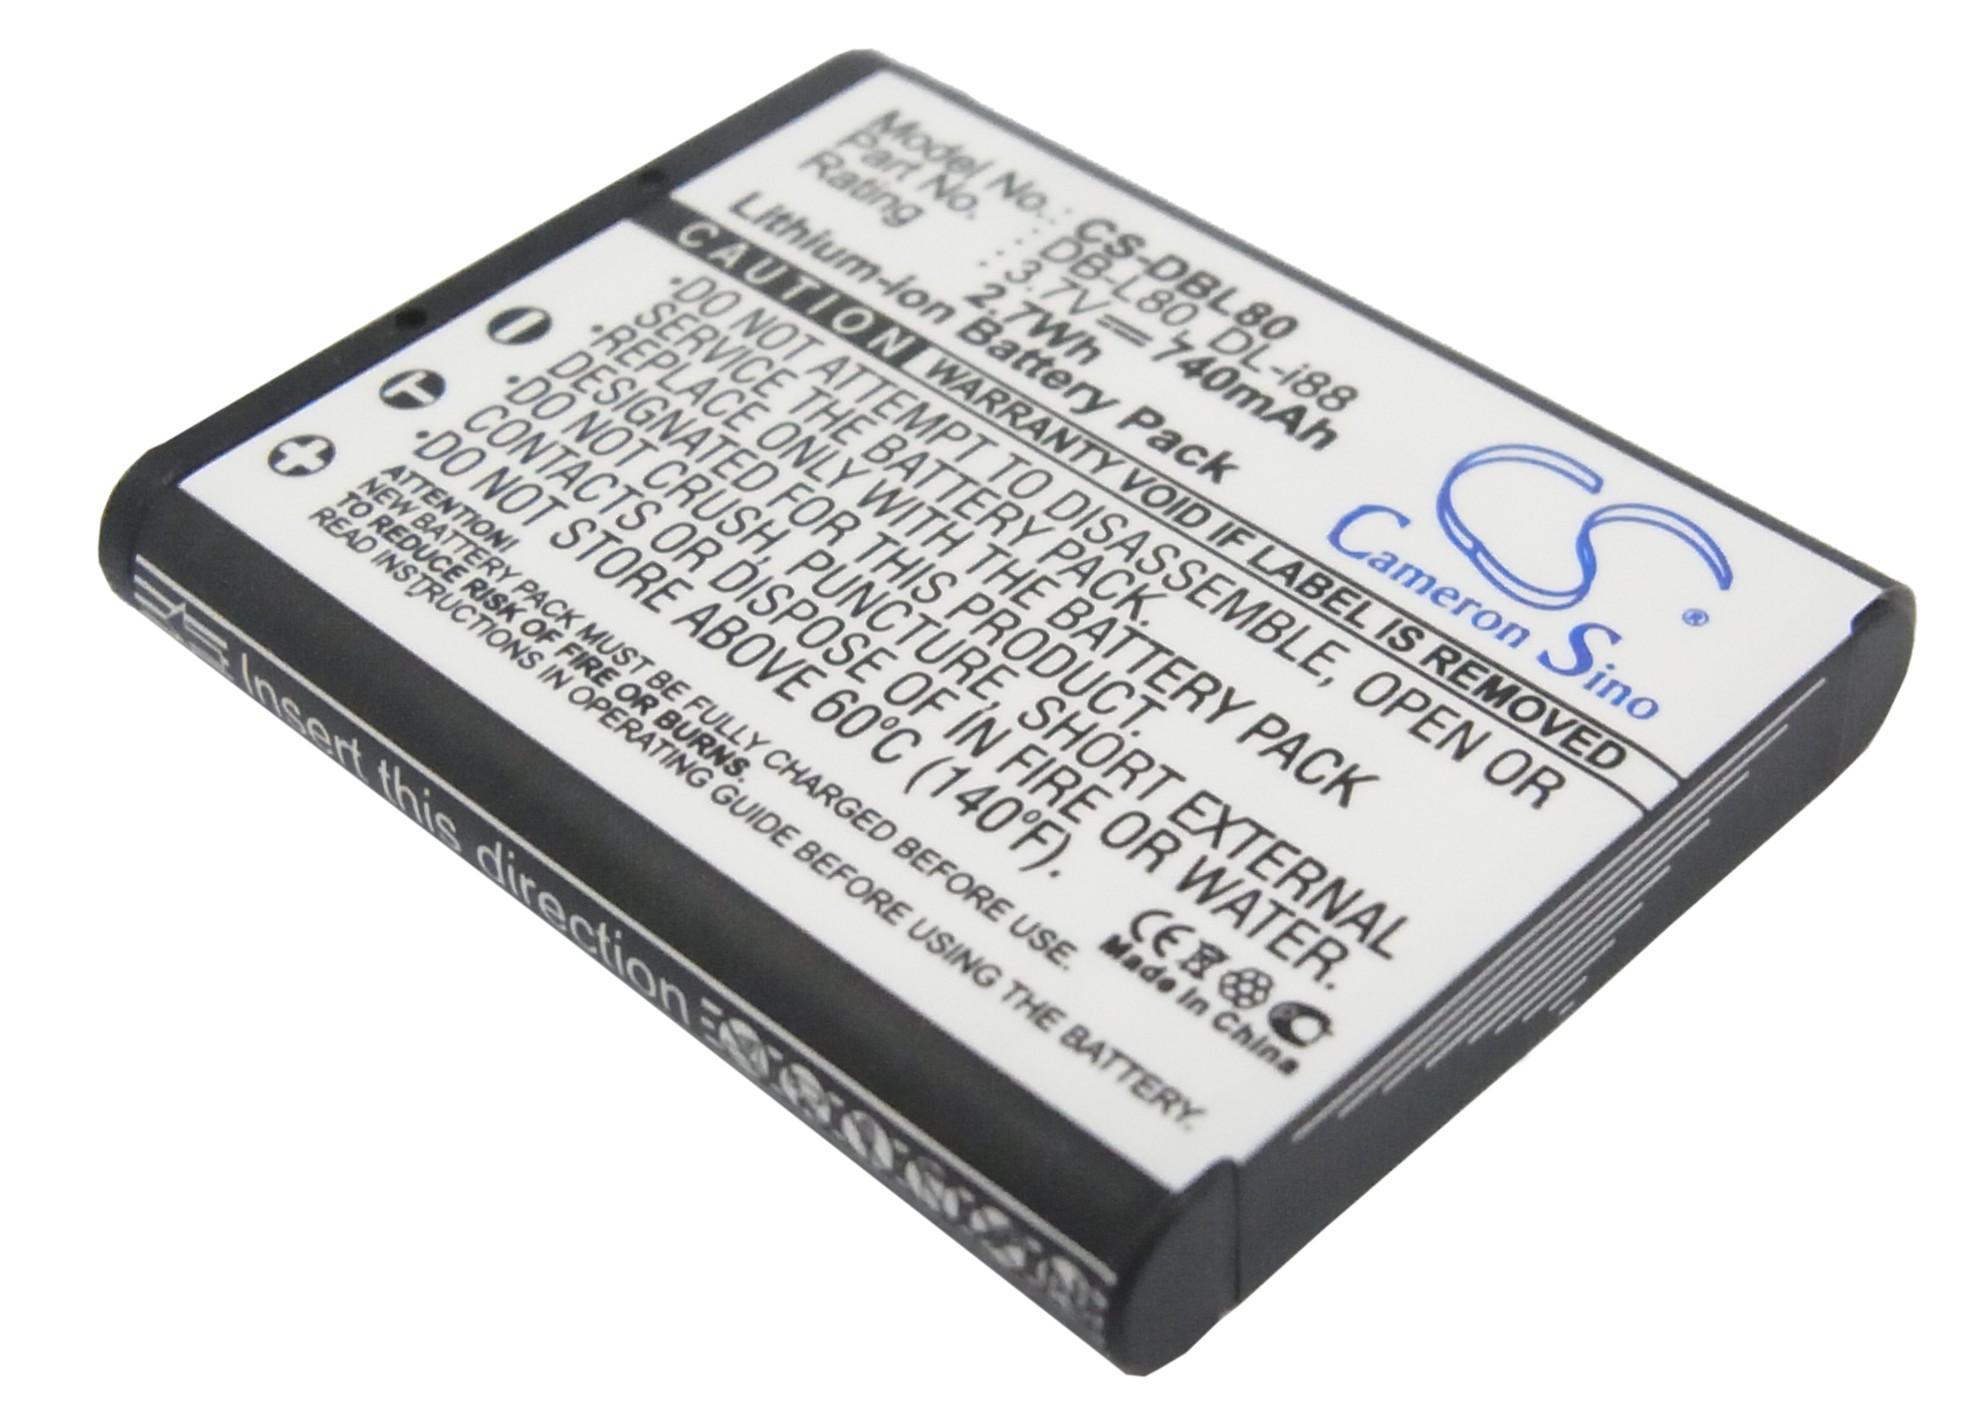 Cameron Sino baterie do kamer a fotoaparátů pro SANYO VPC-CG100 3.7V Li-ion 740mAh černá - neoriginální